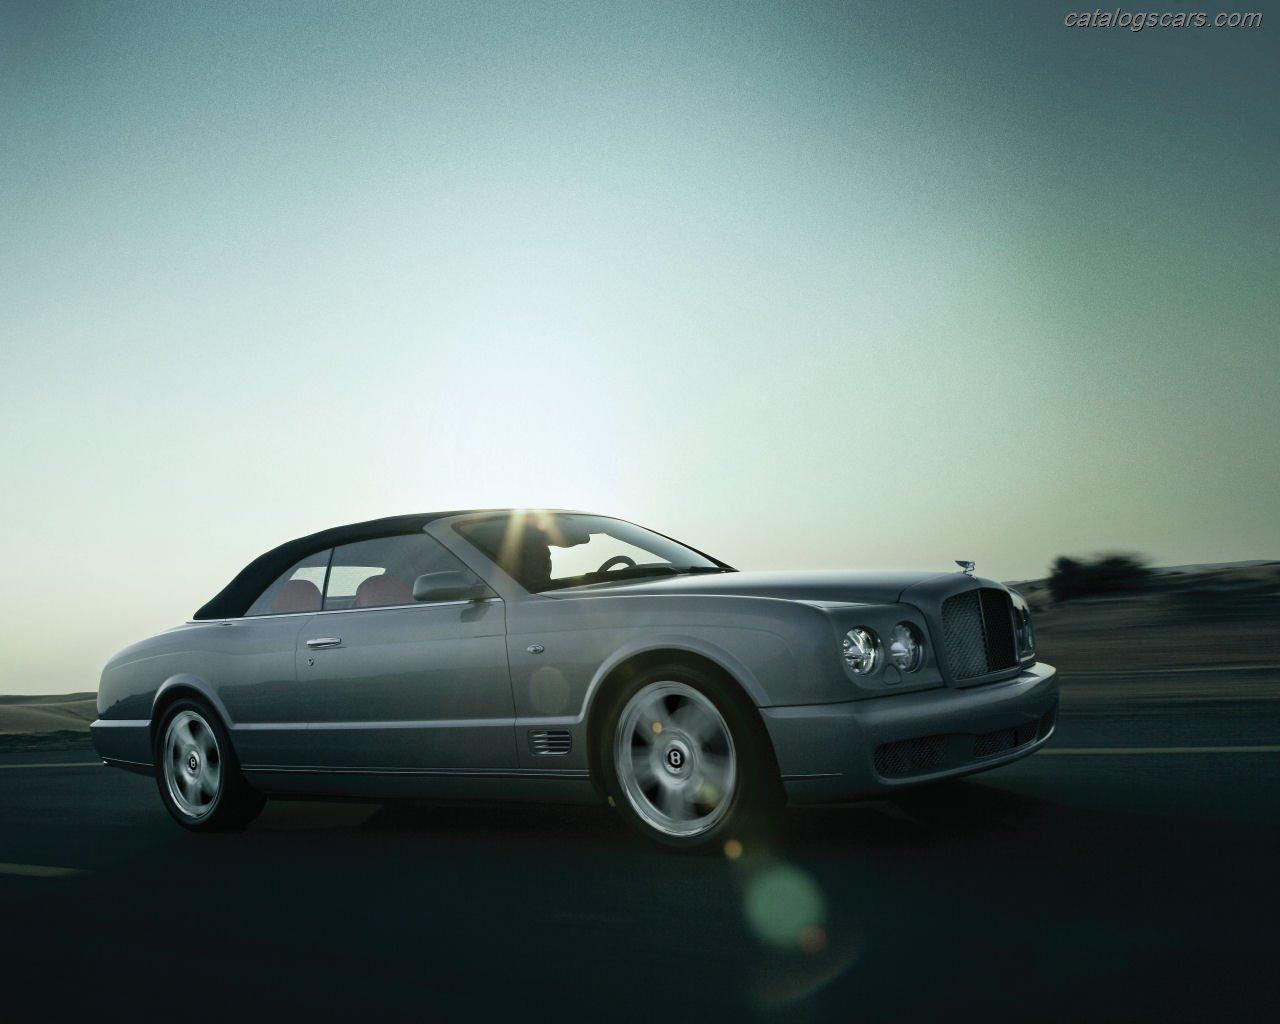 صور سيارة بنتلى ازور 2014 - اجمل خلفيات صور عربية بنتلى ازور 2014 - Bentley Azure Photos Bentley-Azure-2011-01.jpg